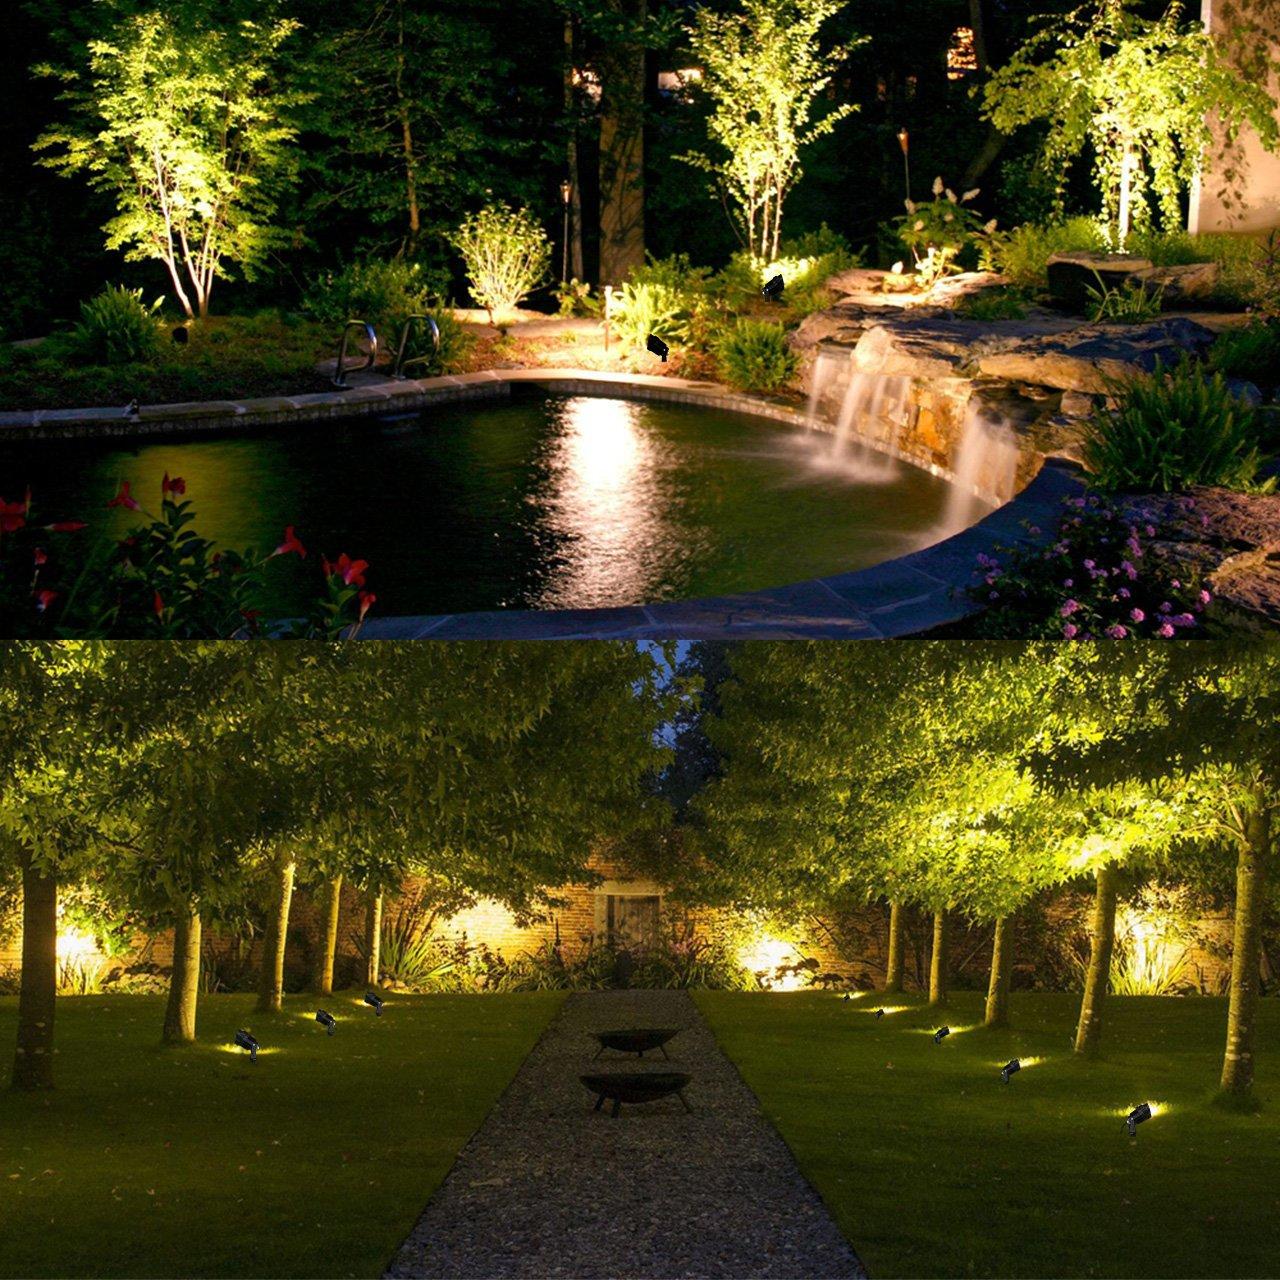 MEIKEE Gartenleuchte 800LM mit Erdspie/ß 7W LED Gartenstrahler IP66 wasserdicht veschwenkbar Metall 85-265V//AC f/ür Baum Wiese Garten 3000K Warmwei/ß 2-er Pack